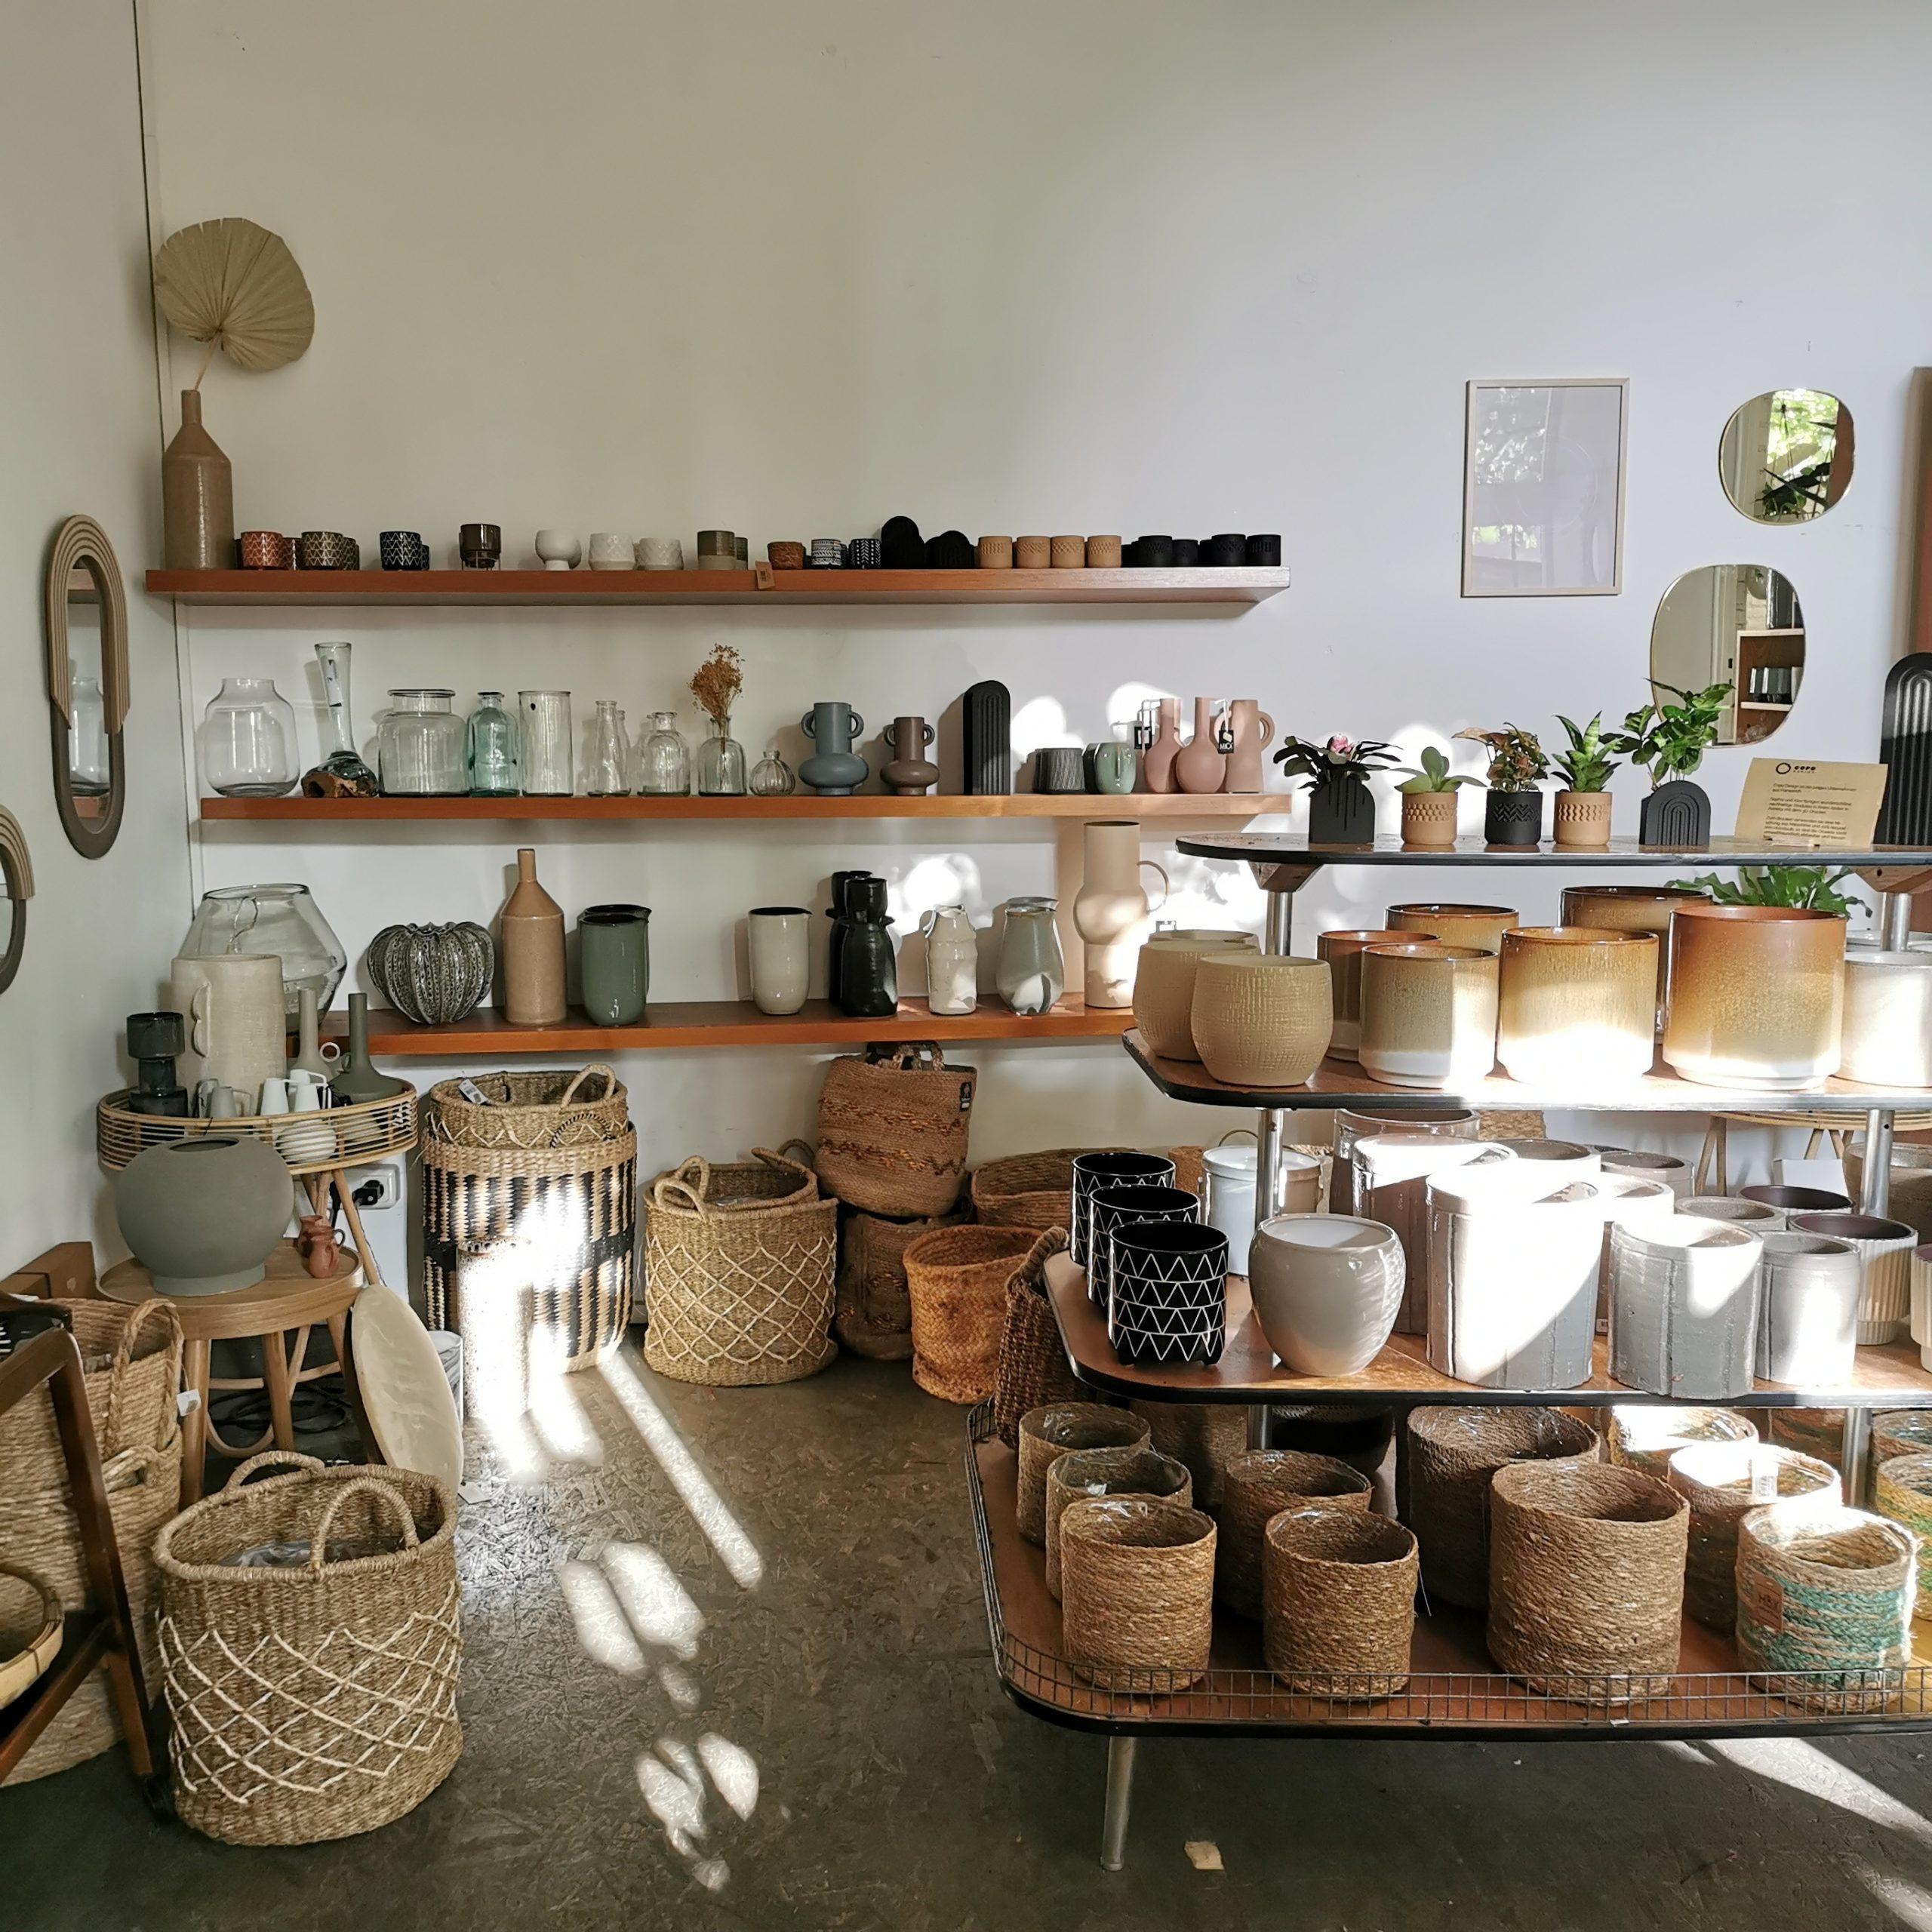 Blmentöpfe, Körbe und Spiegel im Laden von mill am Eifelwall